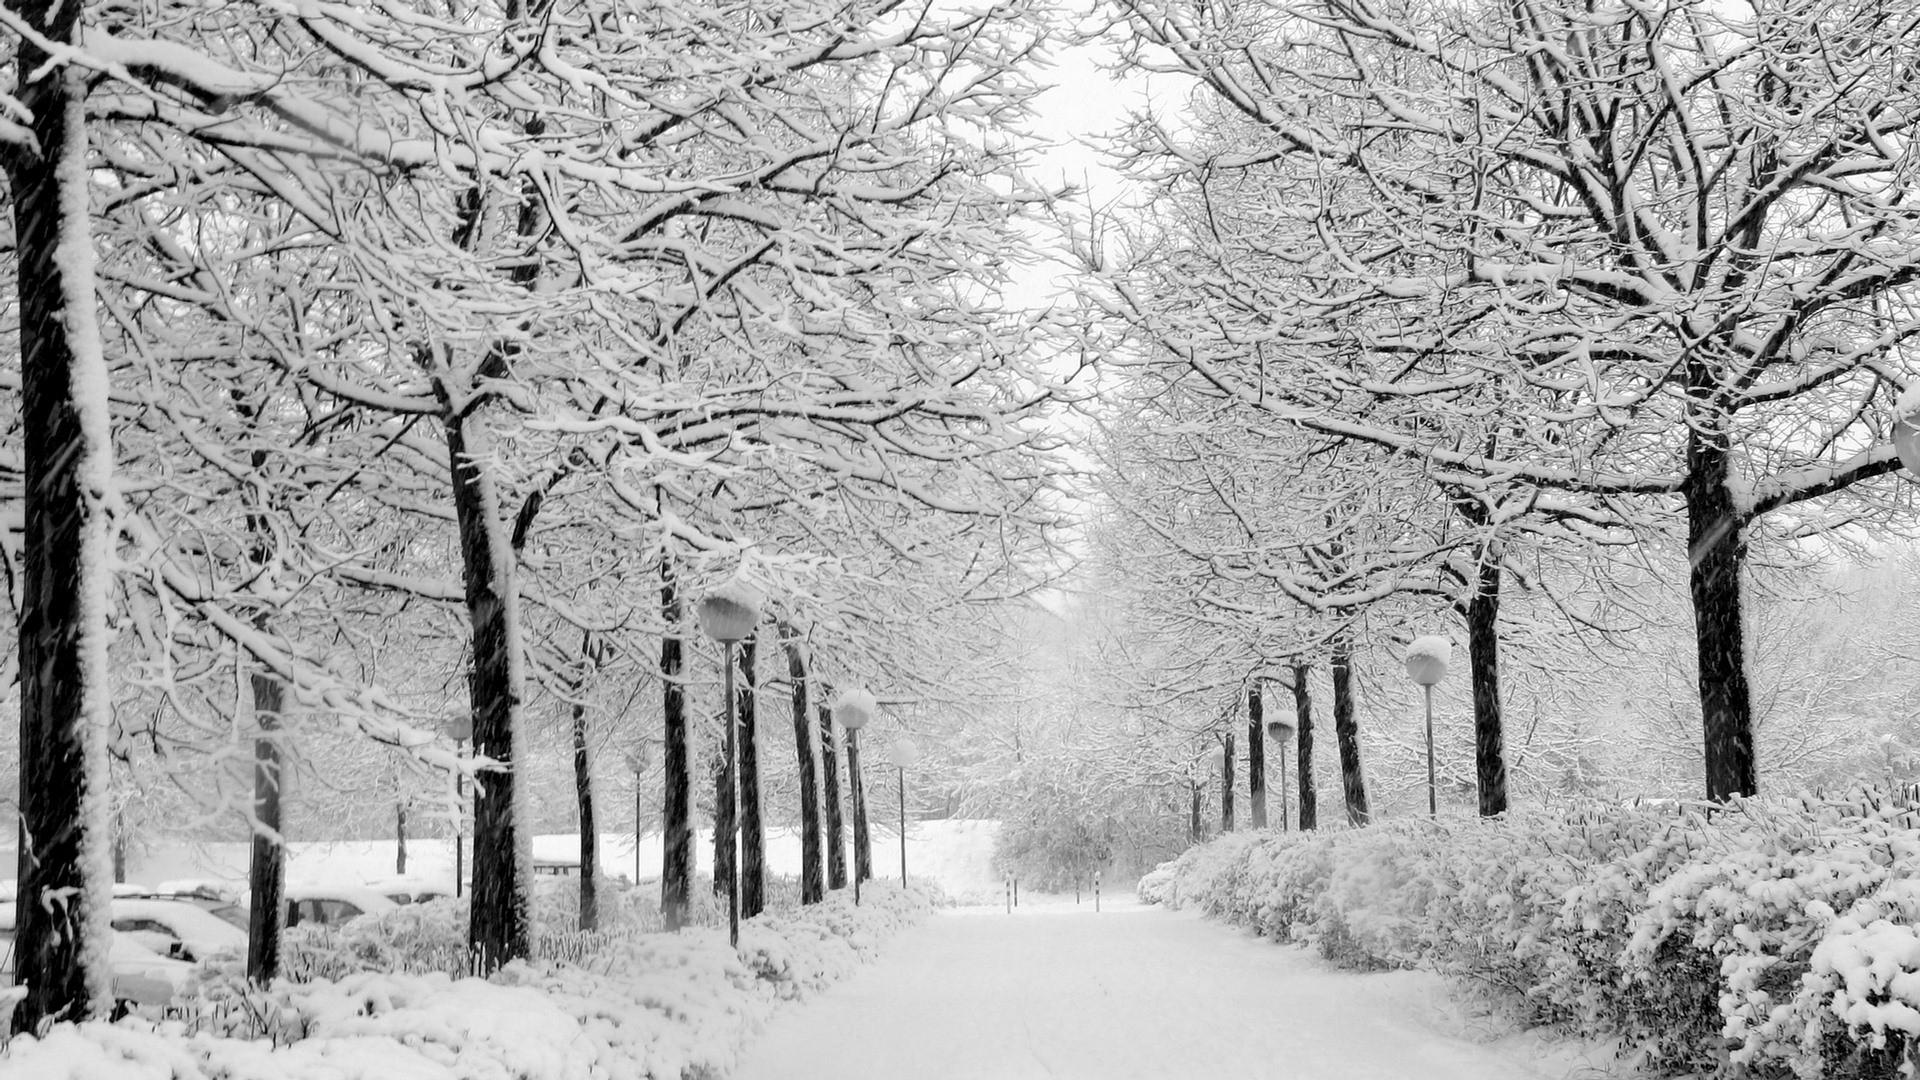 winter-blackwhite-full-hd-1080p-wallpaper